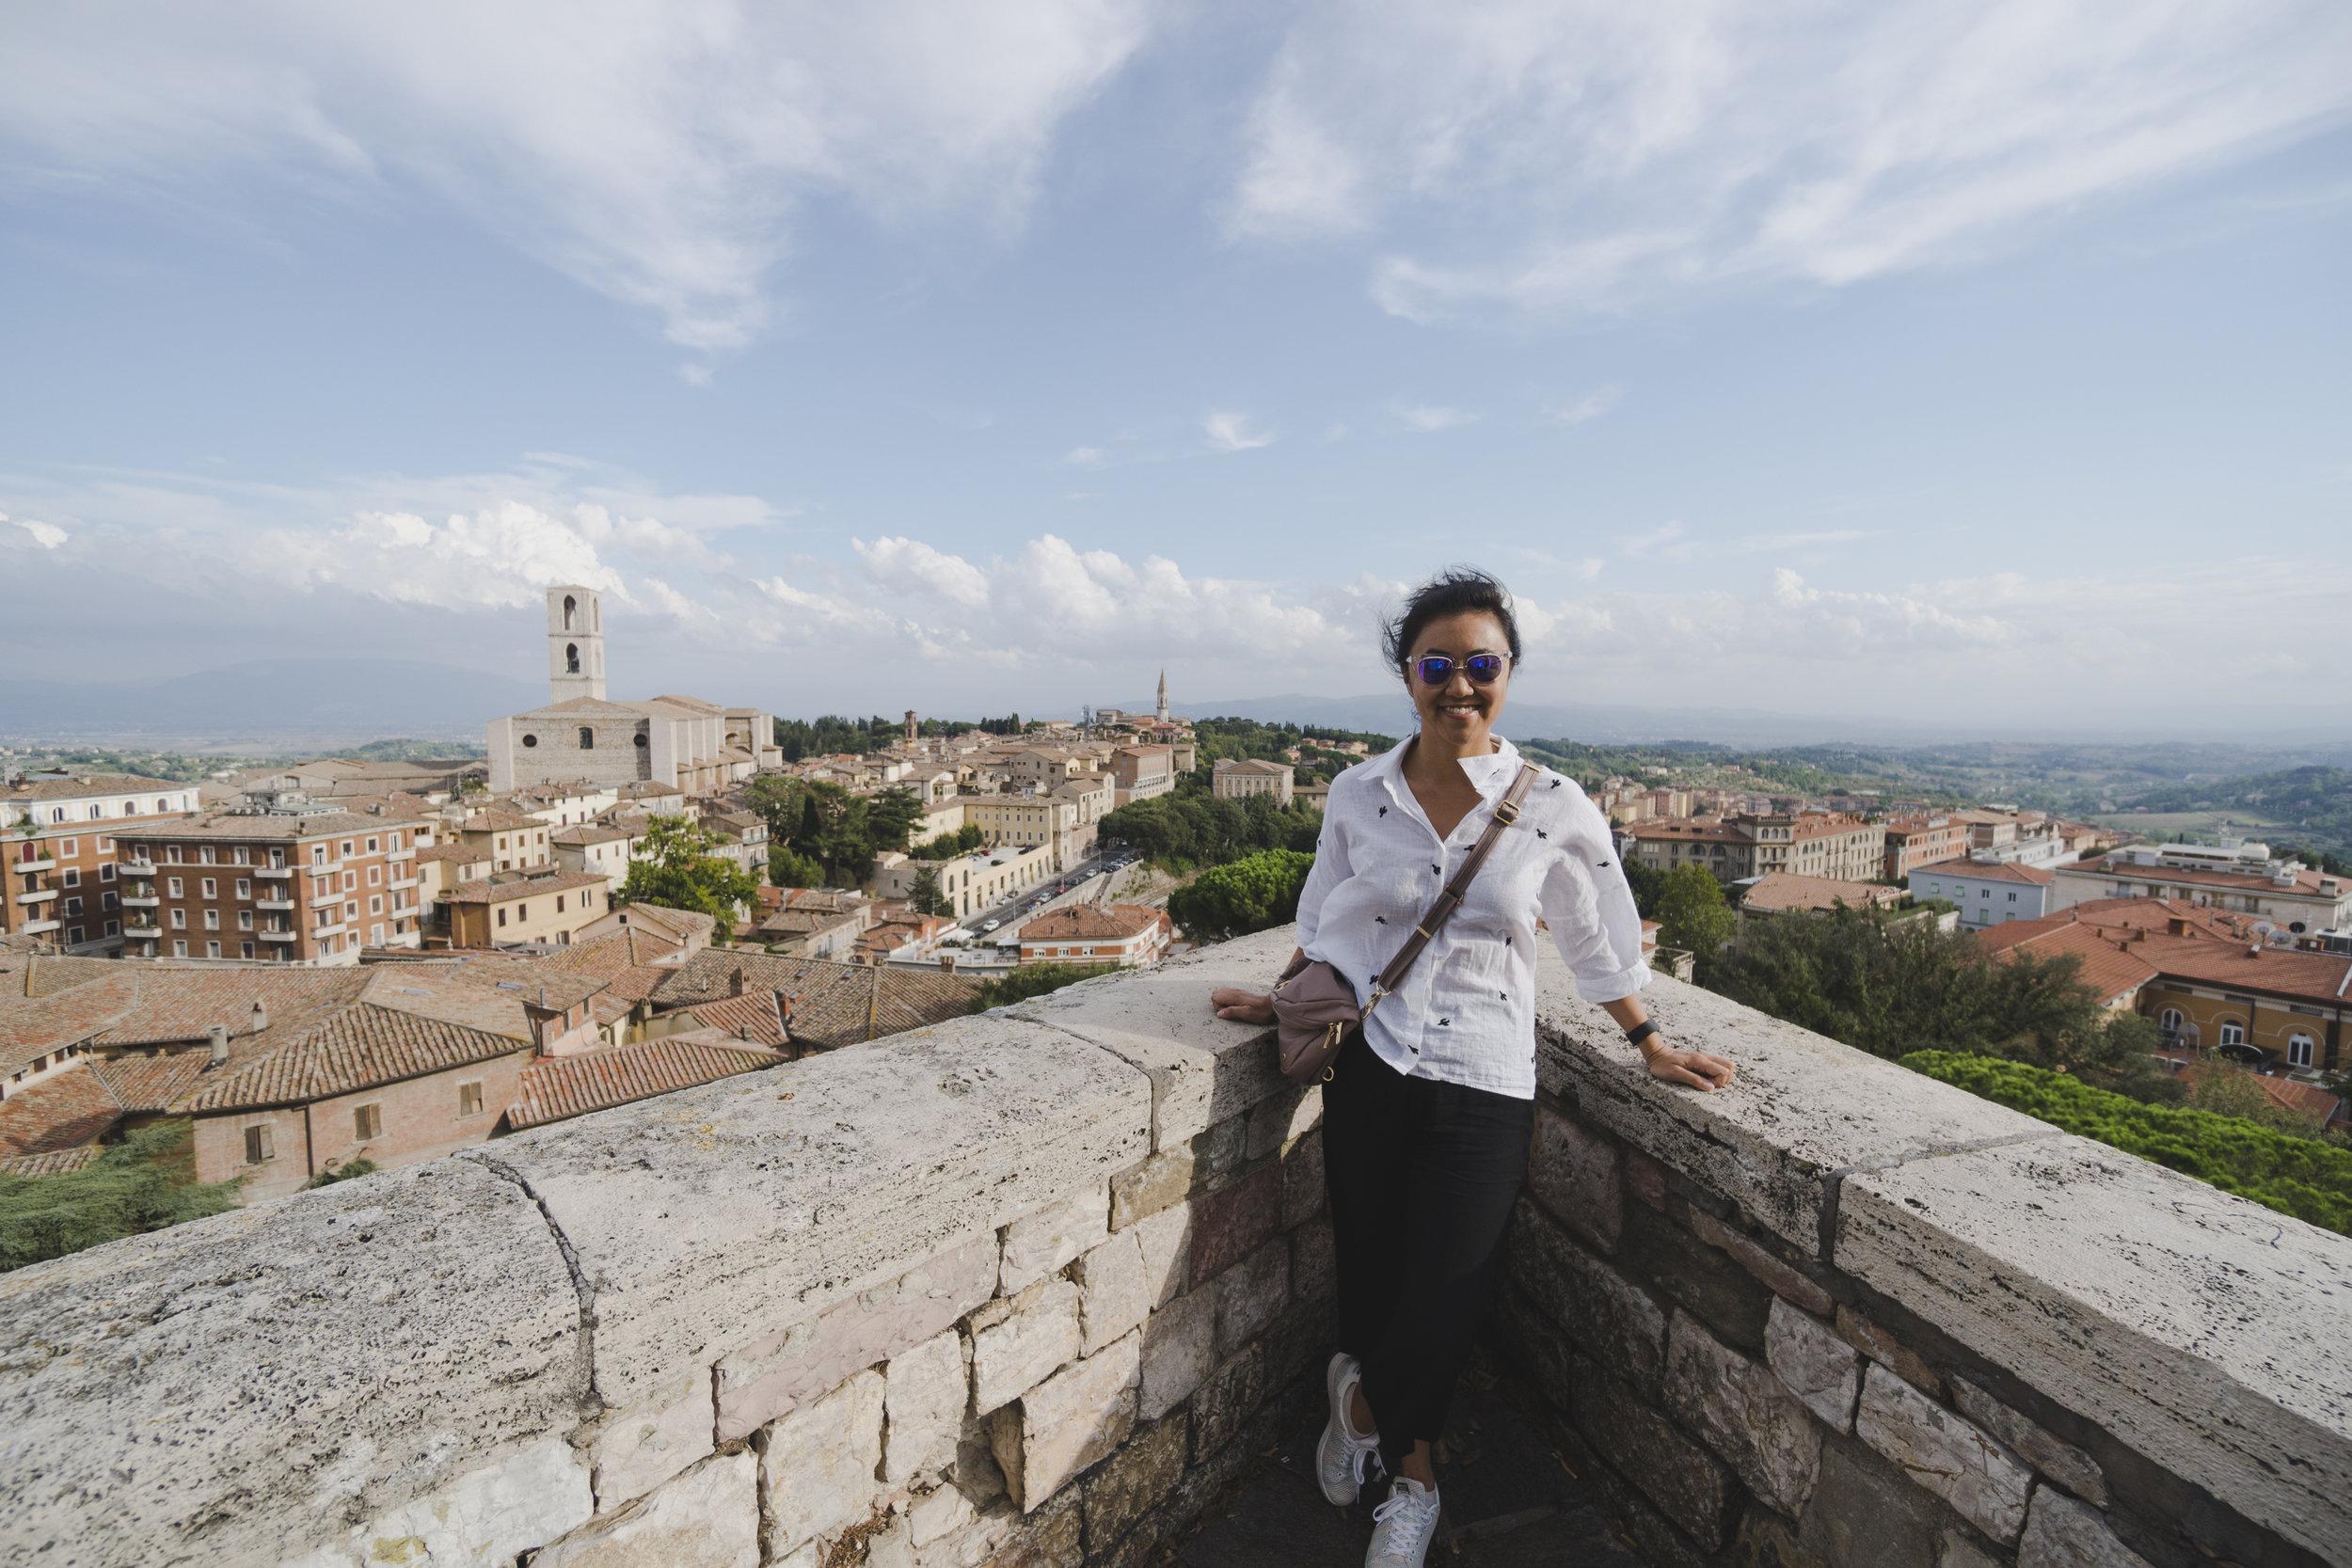 O_Italy-Umbria-121.jpg